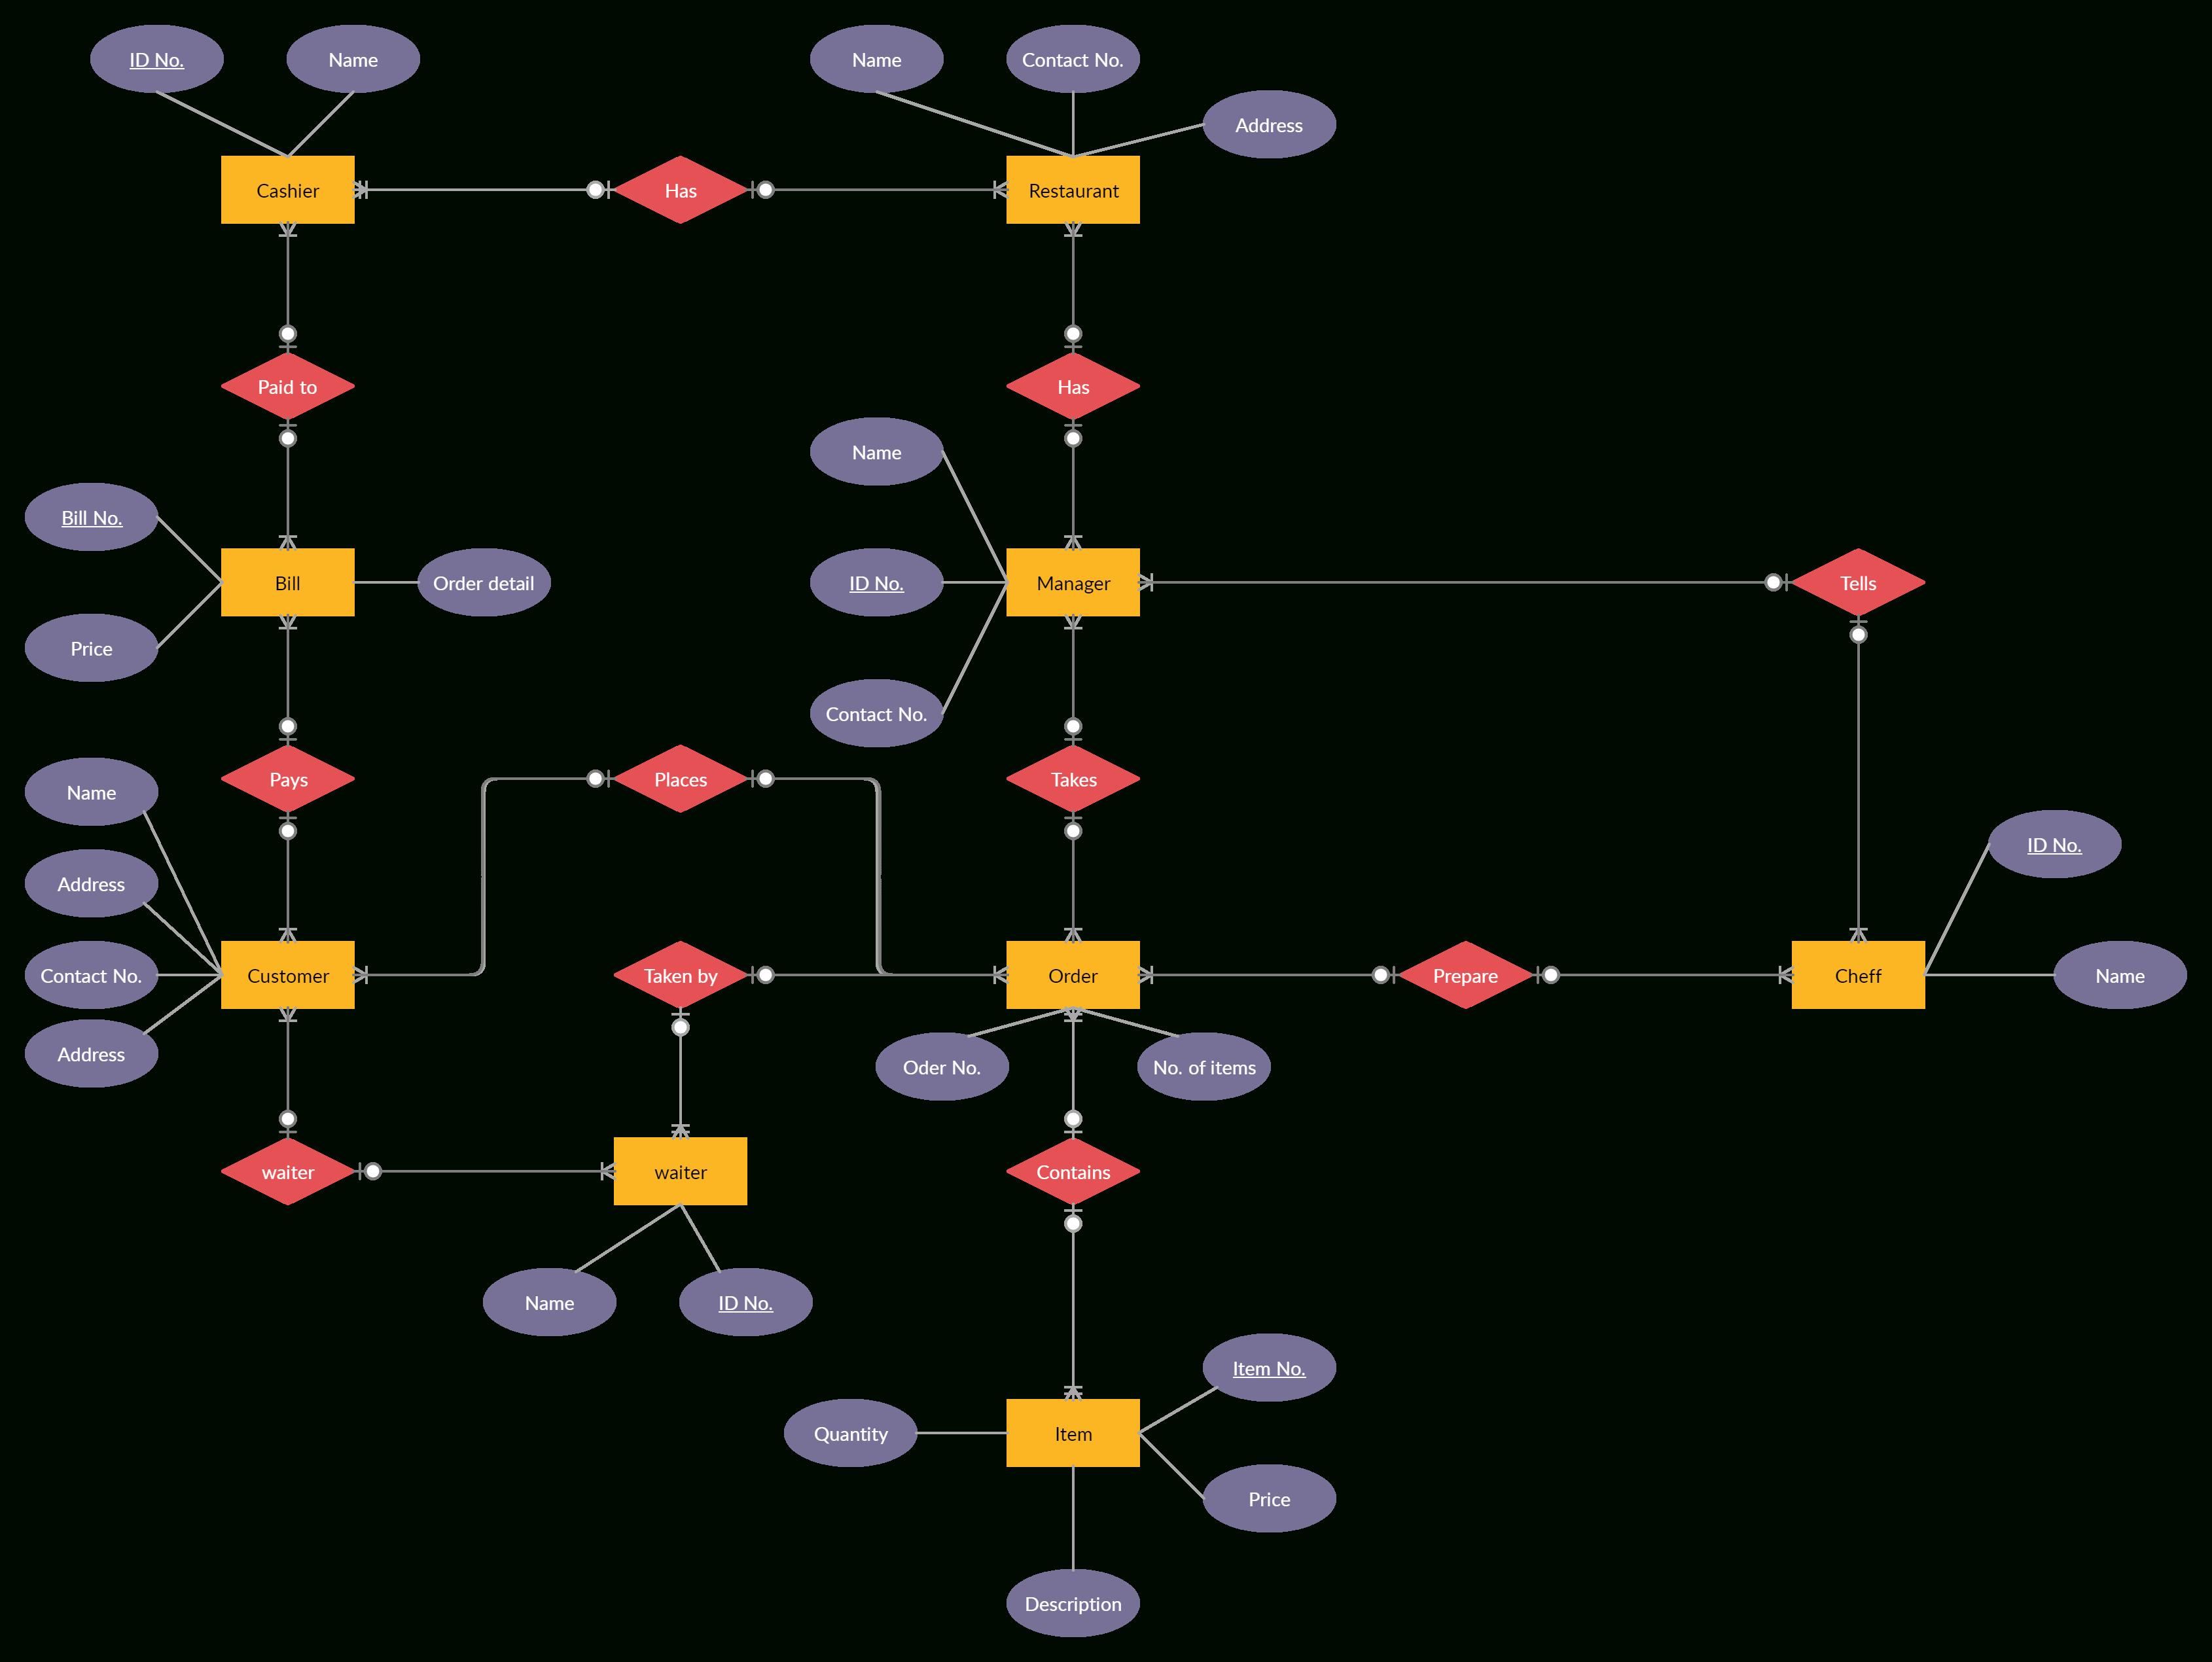 Restaurant Database Er Diagram